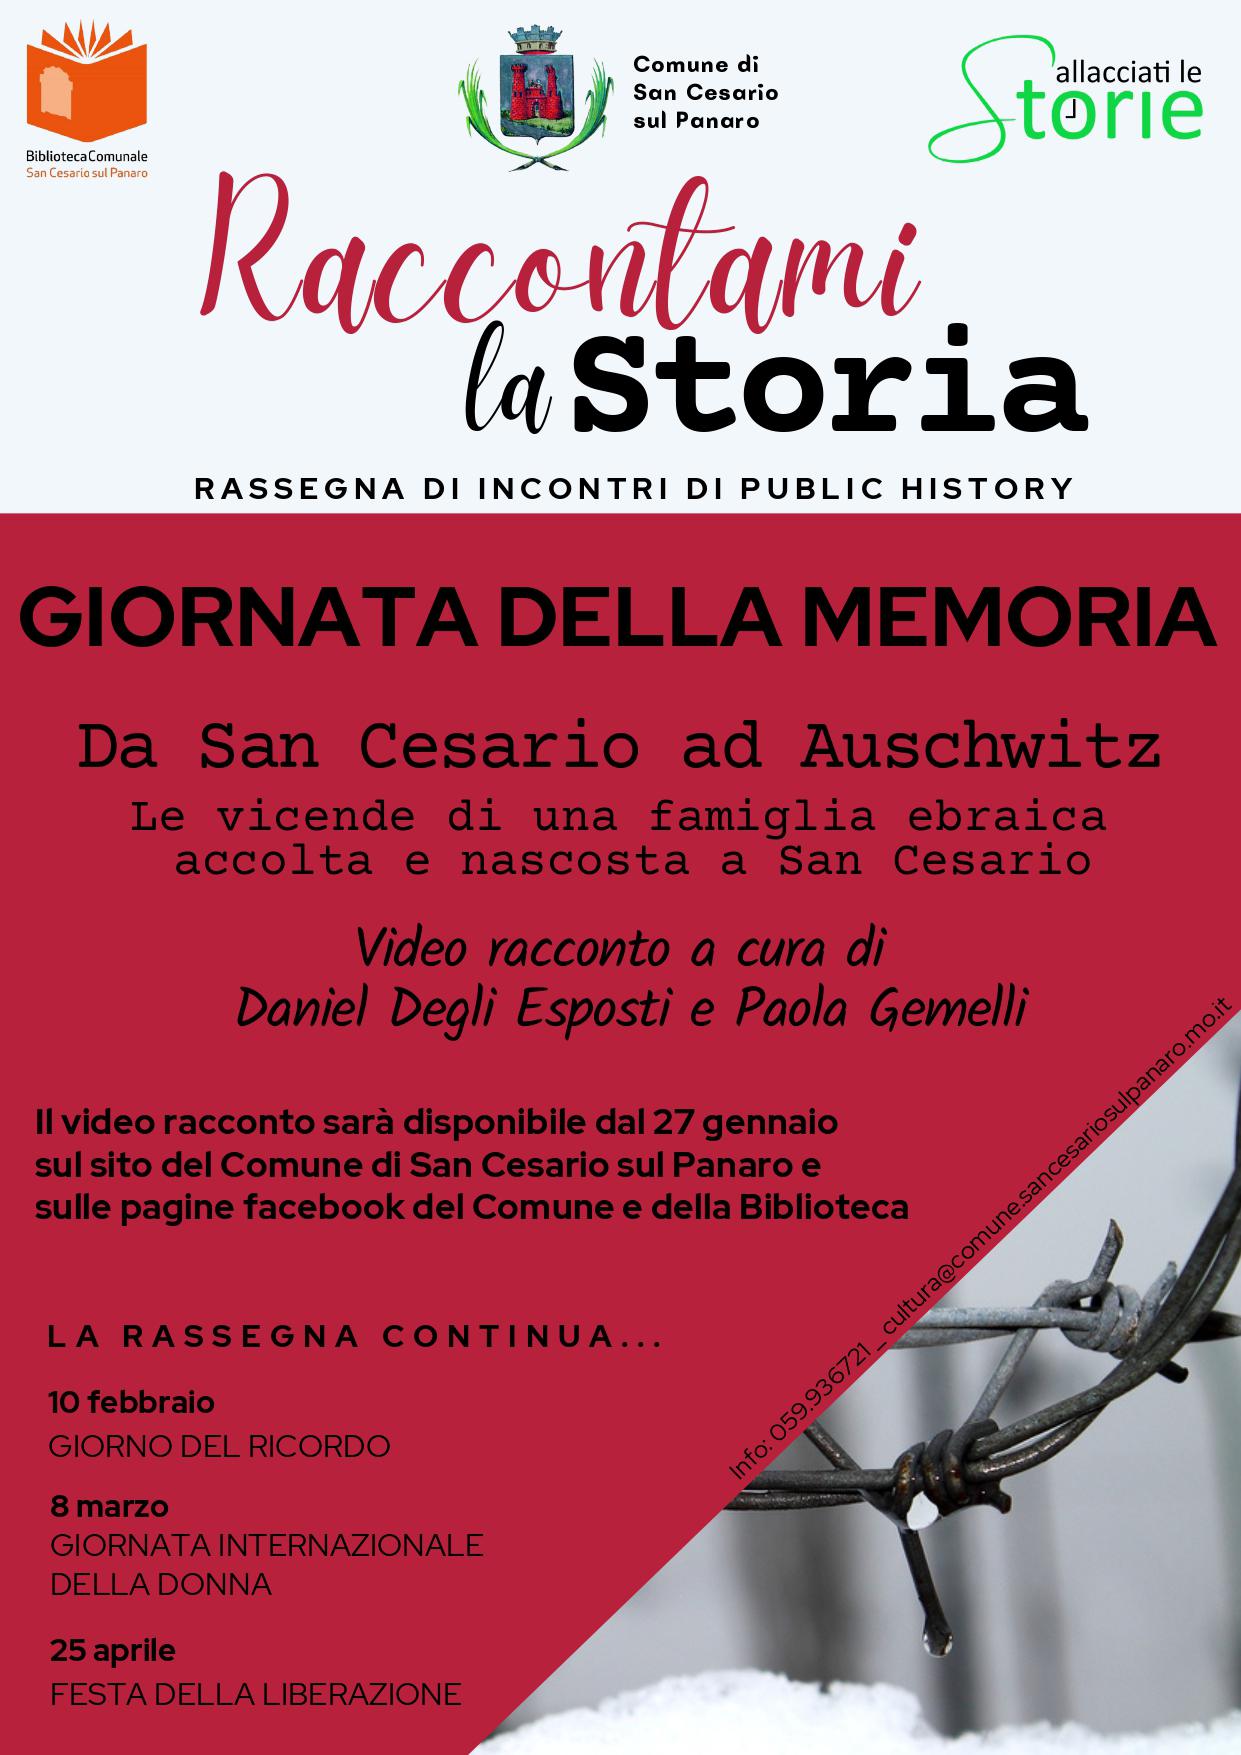 Giorno della Memoria 2021 - San Cesario sul Panaro